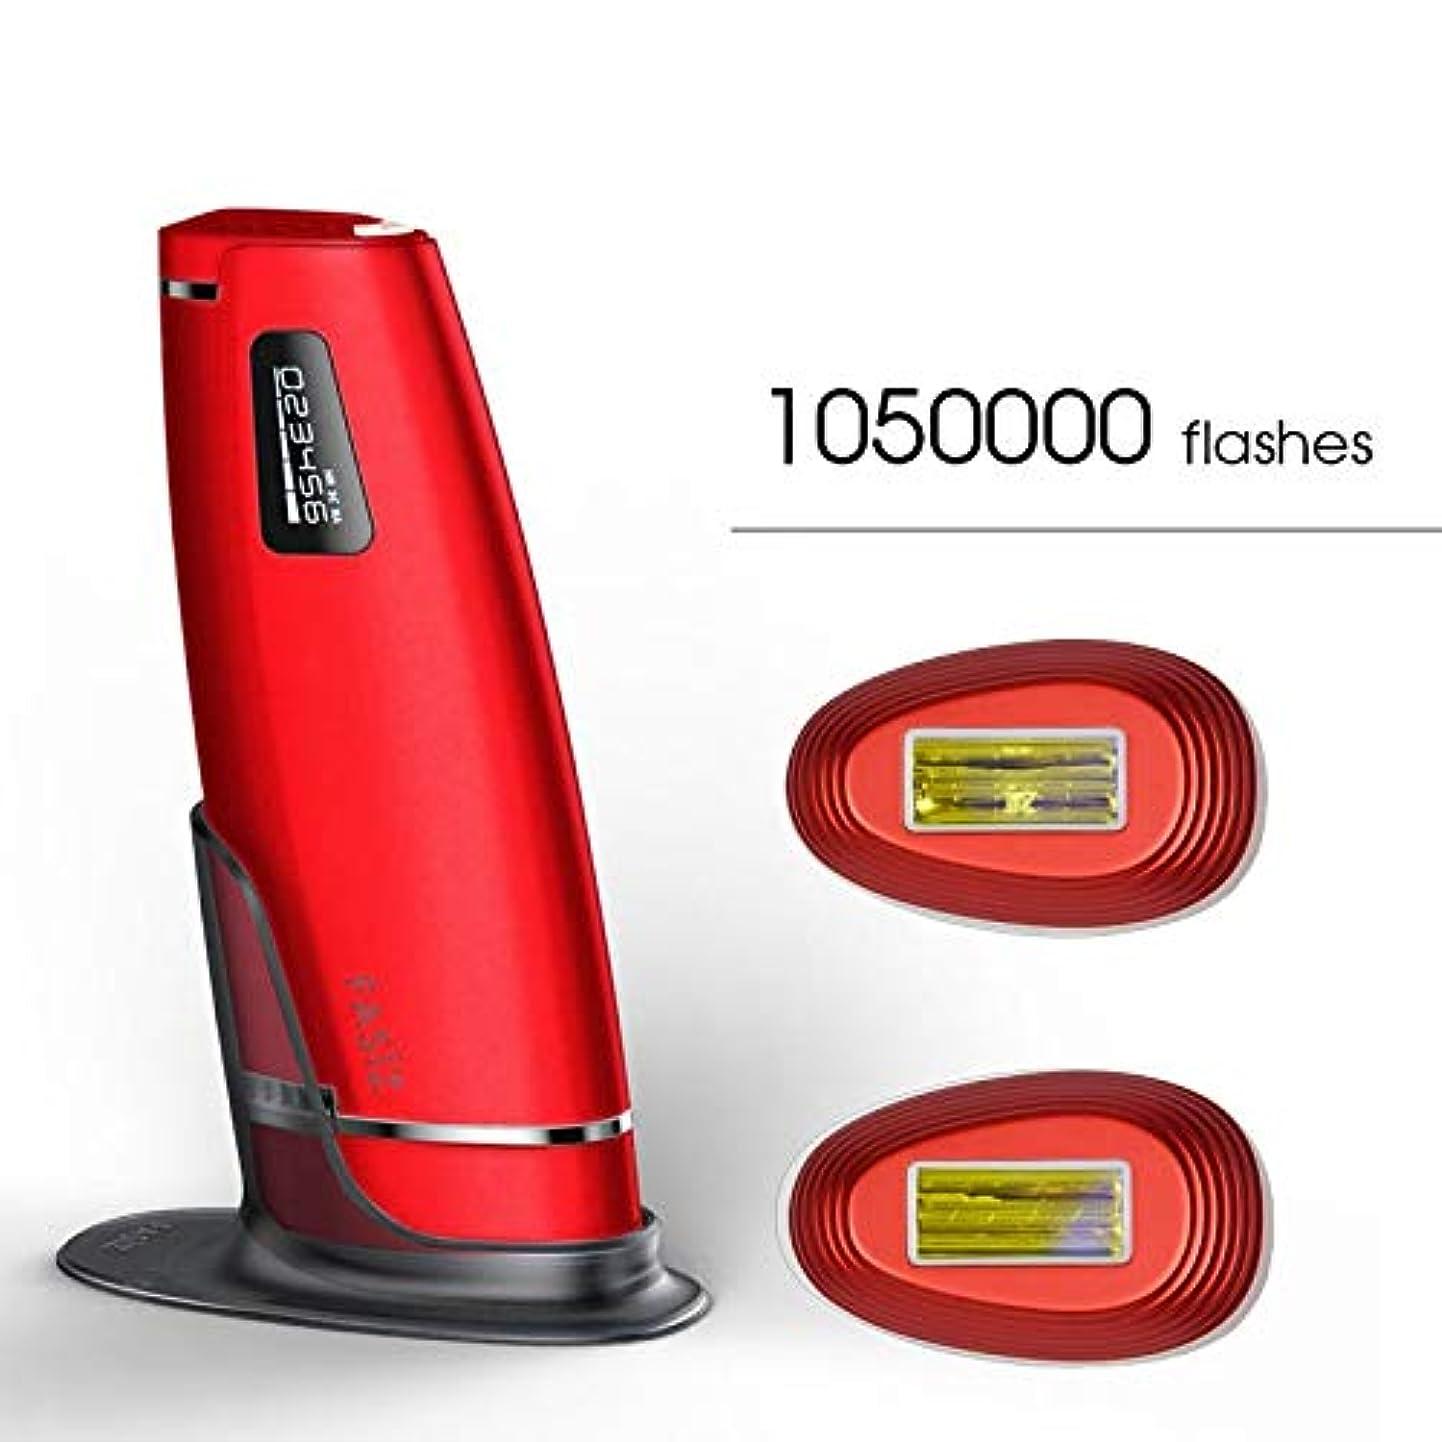 コードレスセーター抽選FANPING 3in1の1050000pulsed IPLレーザー脱毛デバイス永久脱毛IPLレーザー脱毛器脇脱毛機 (Color : 赤)